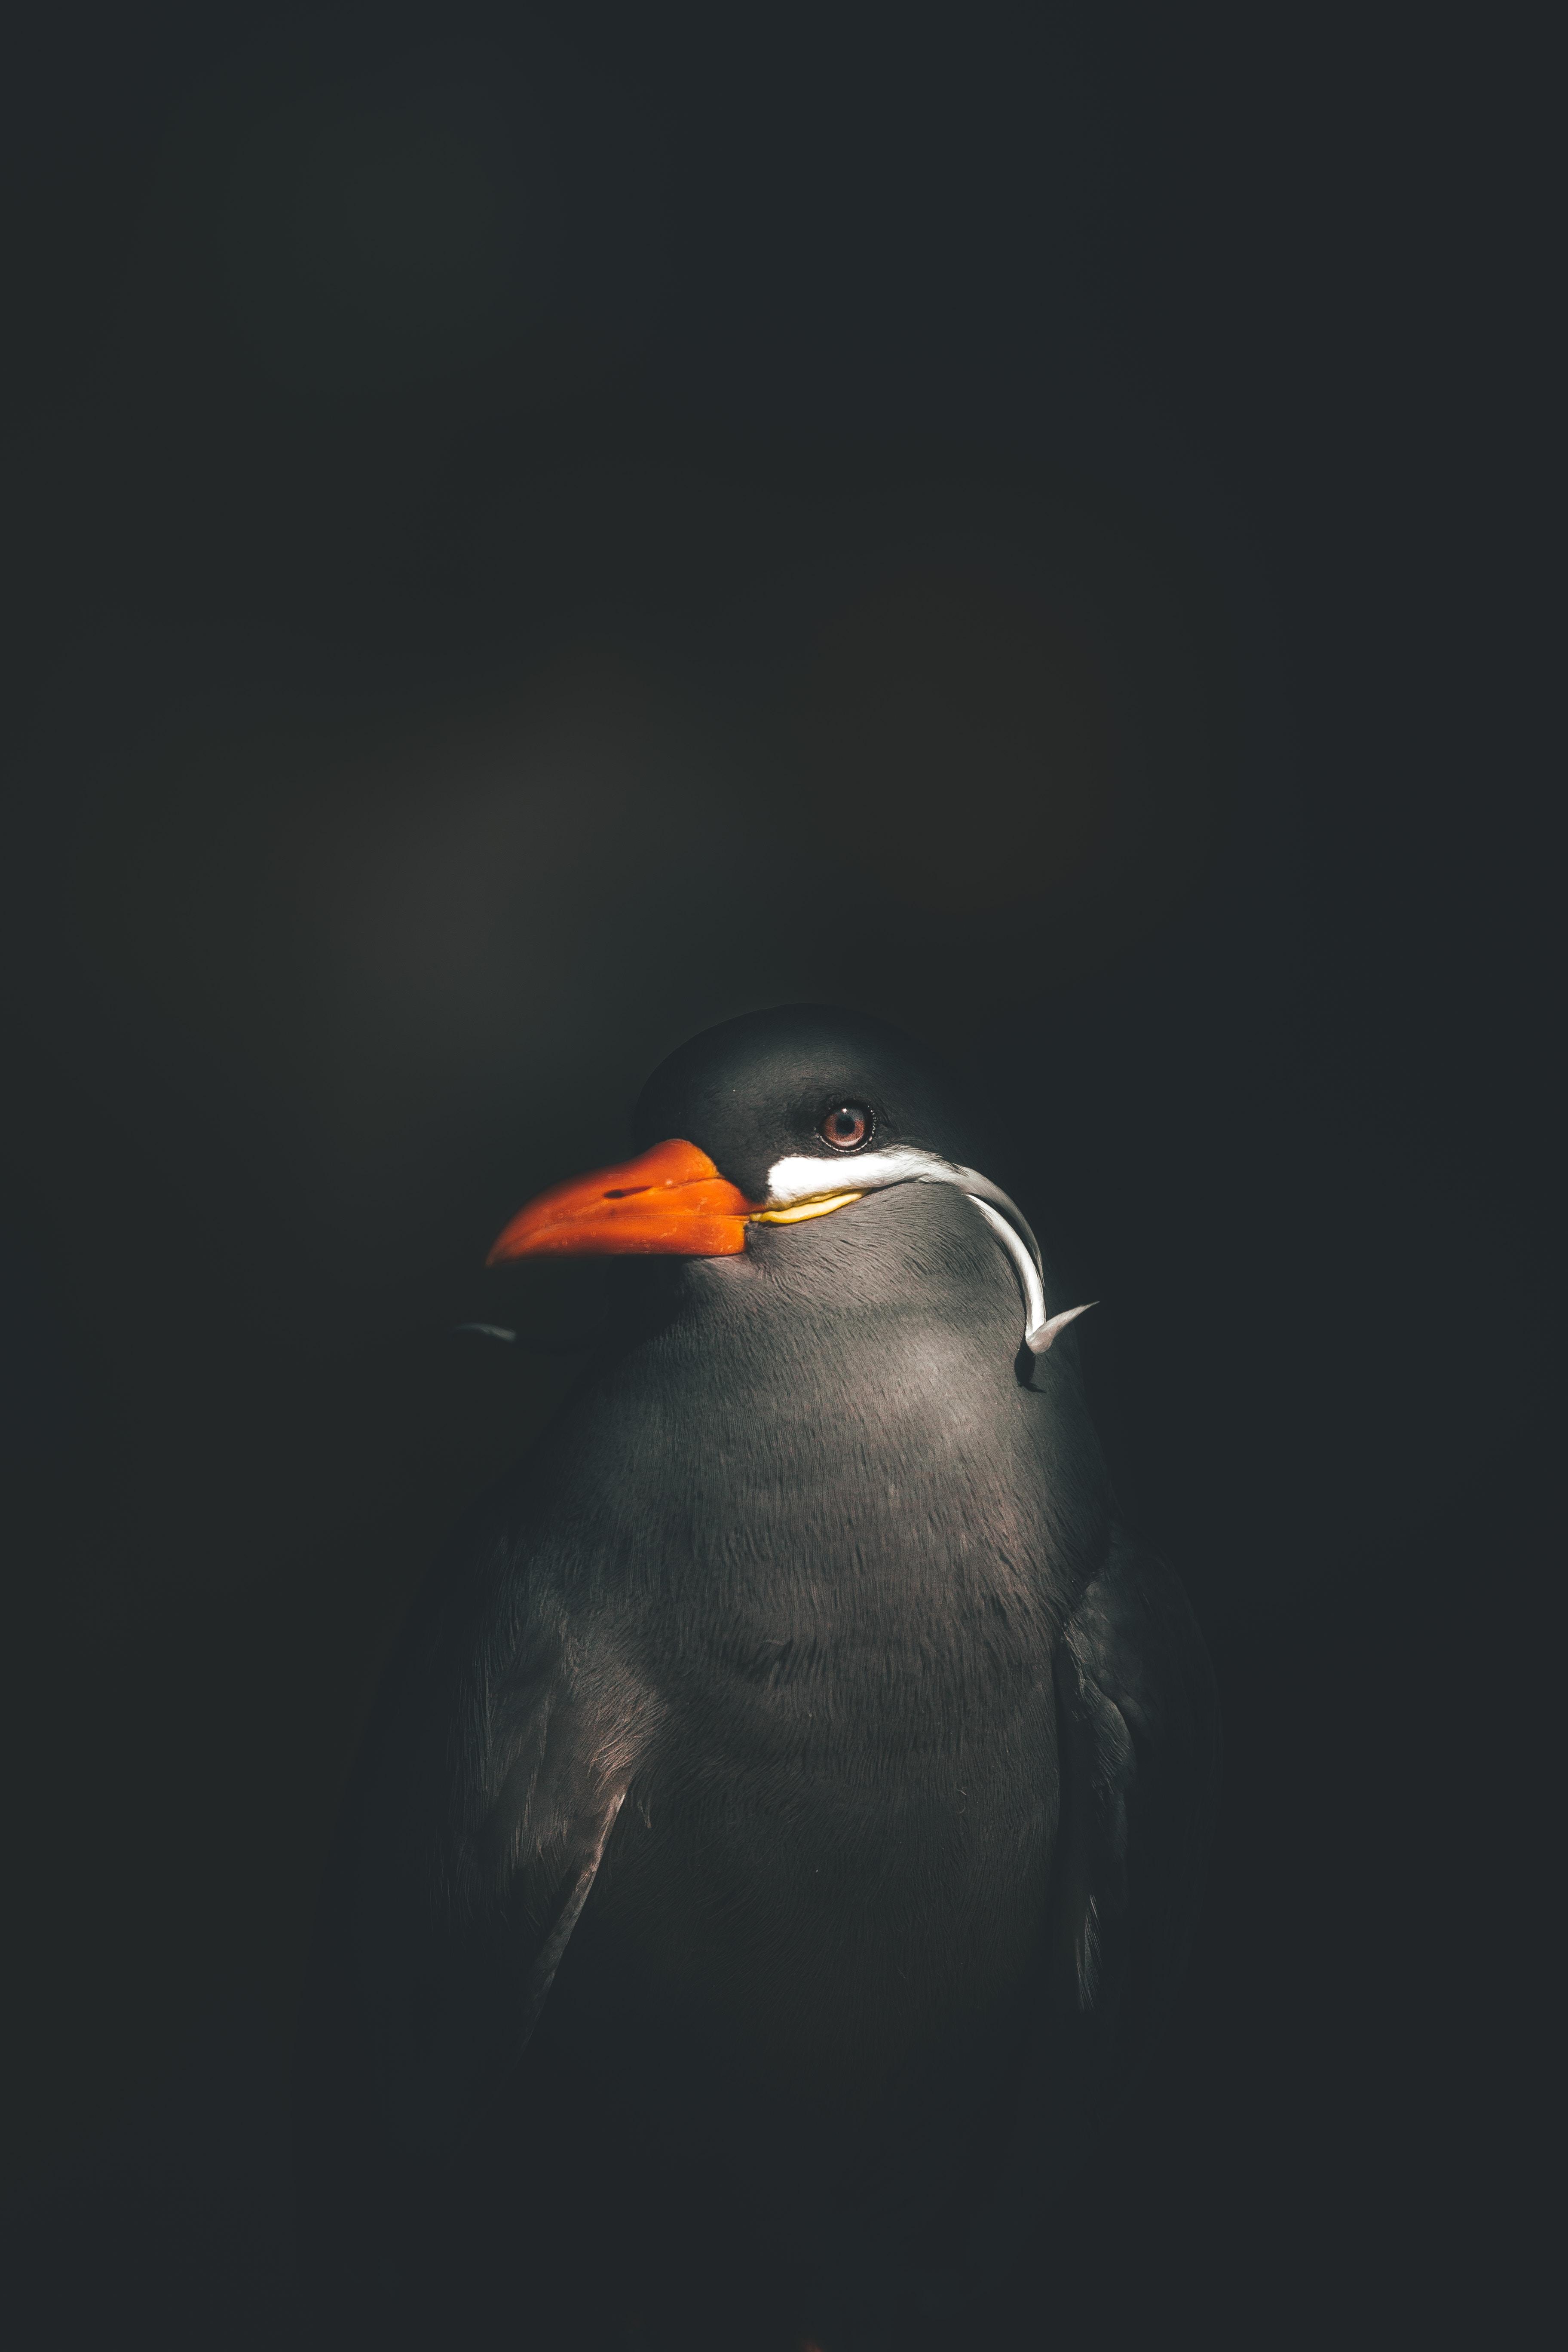 closeup photography of black and red beak bird